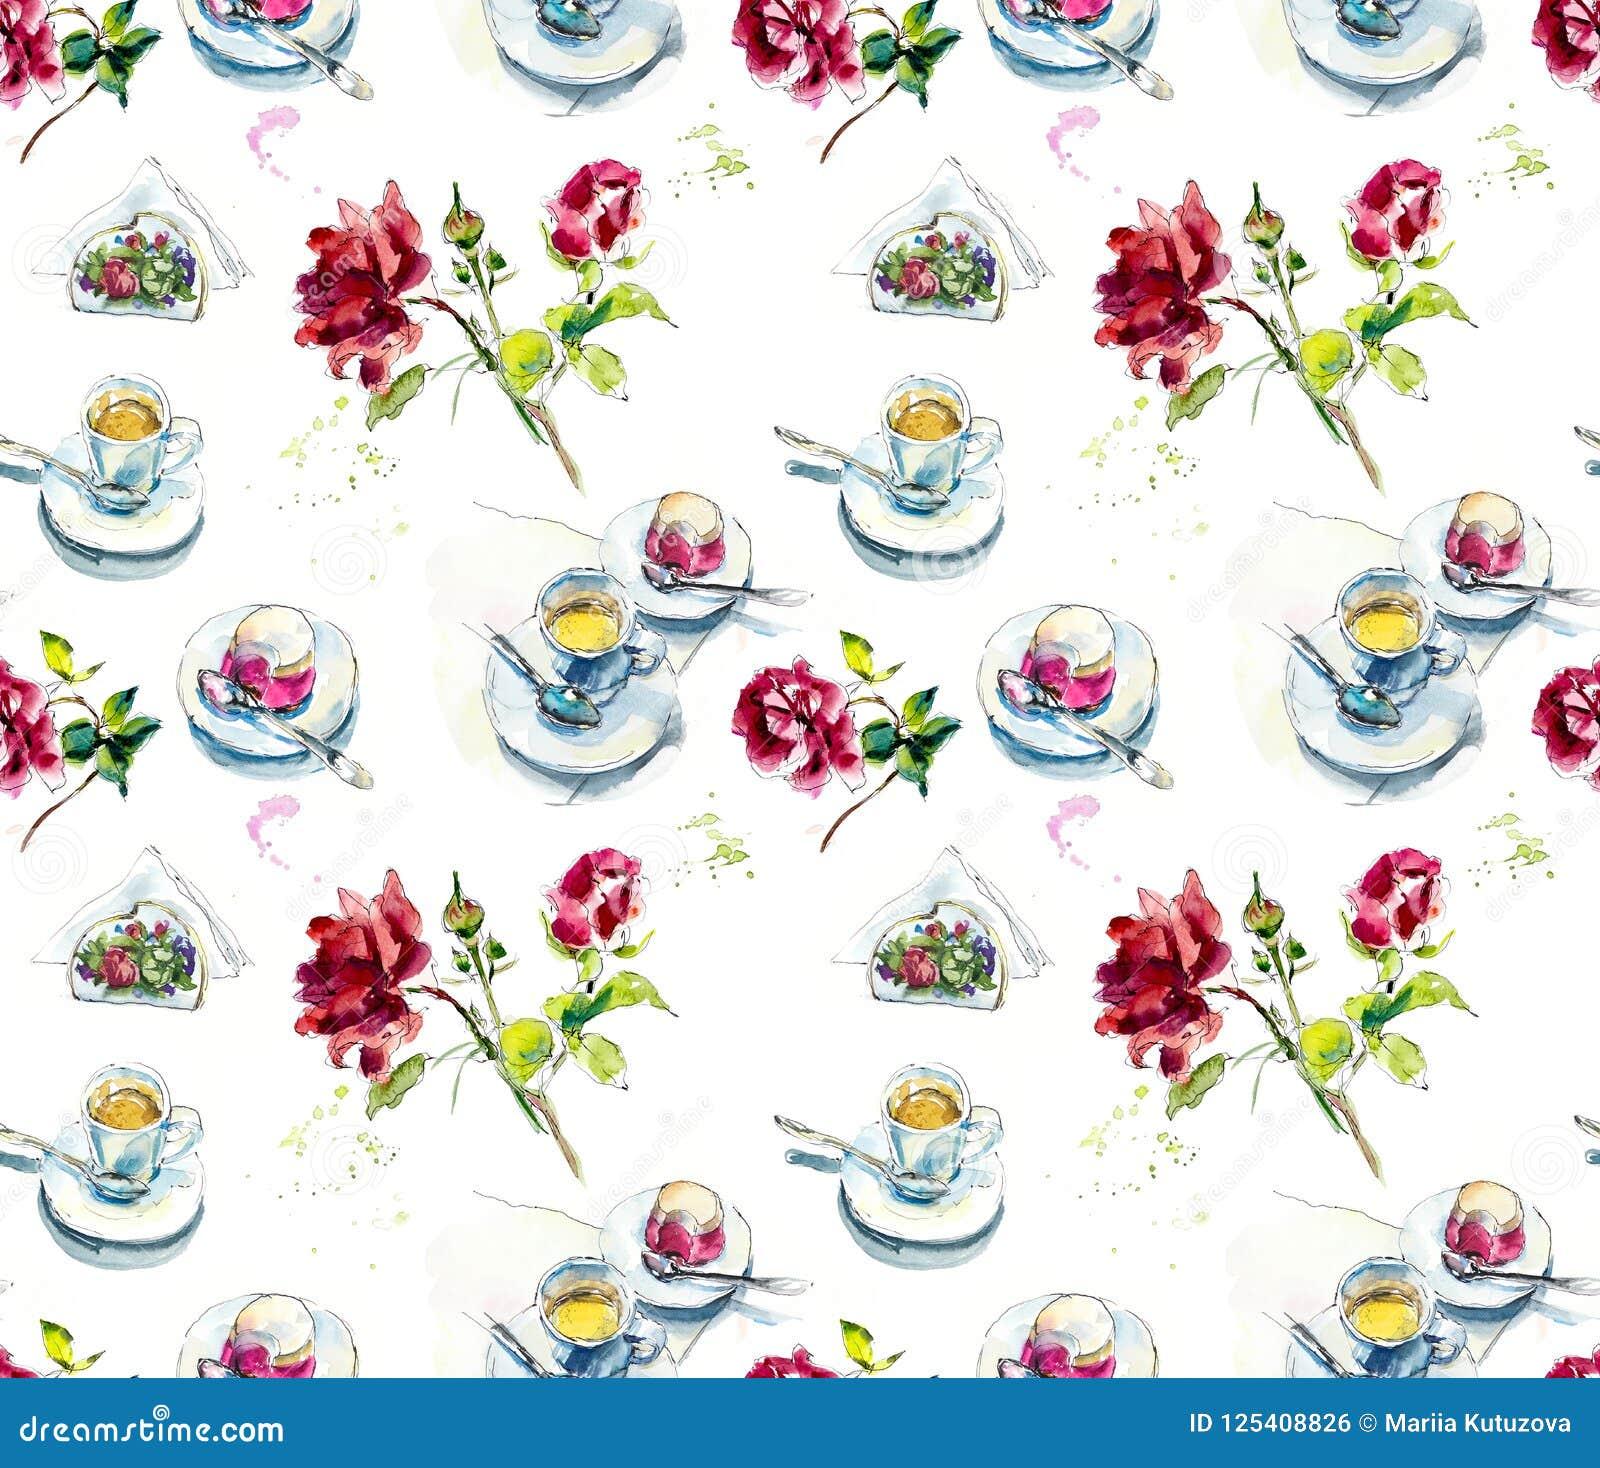 Чашка кофе, торт поленики на кафе и розы Иллюстрация акварели handpainted эскиз